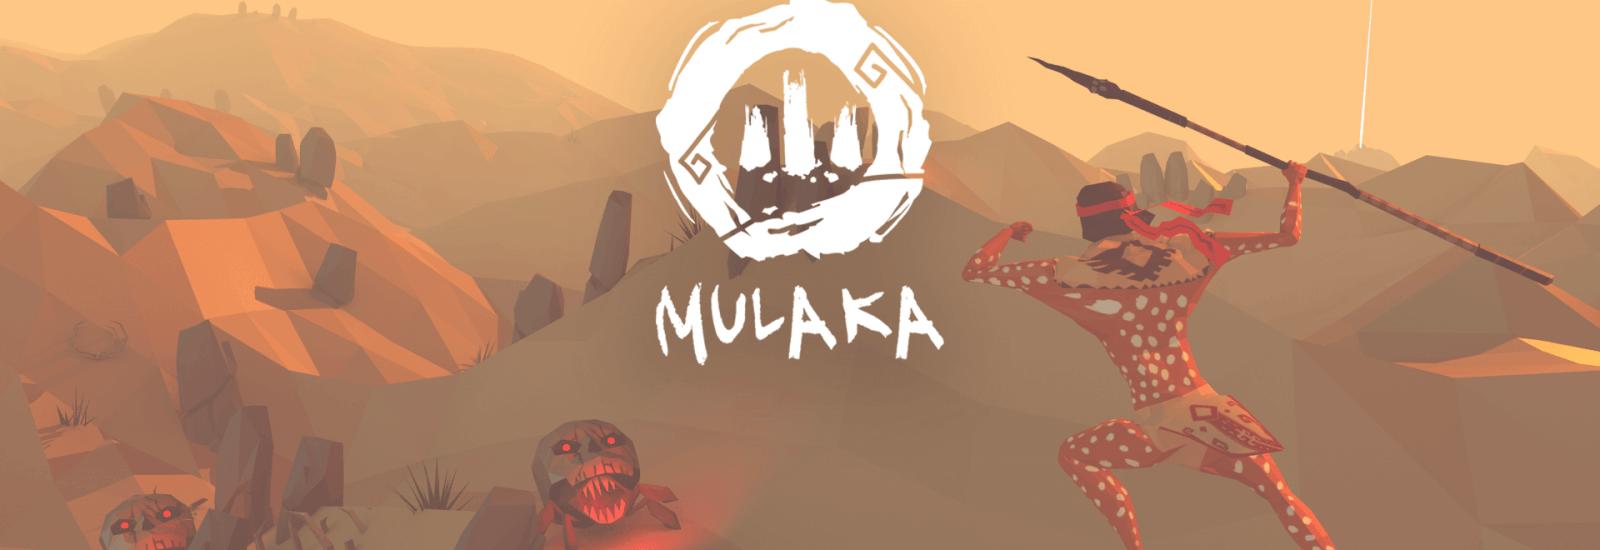 67b550415 Mulaka - Editează - Digital Games